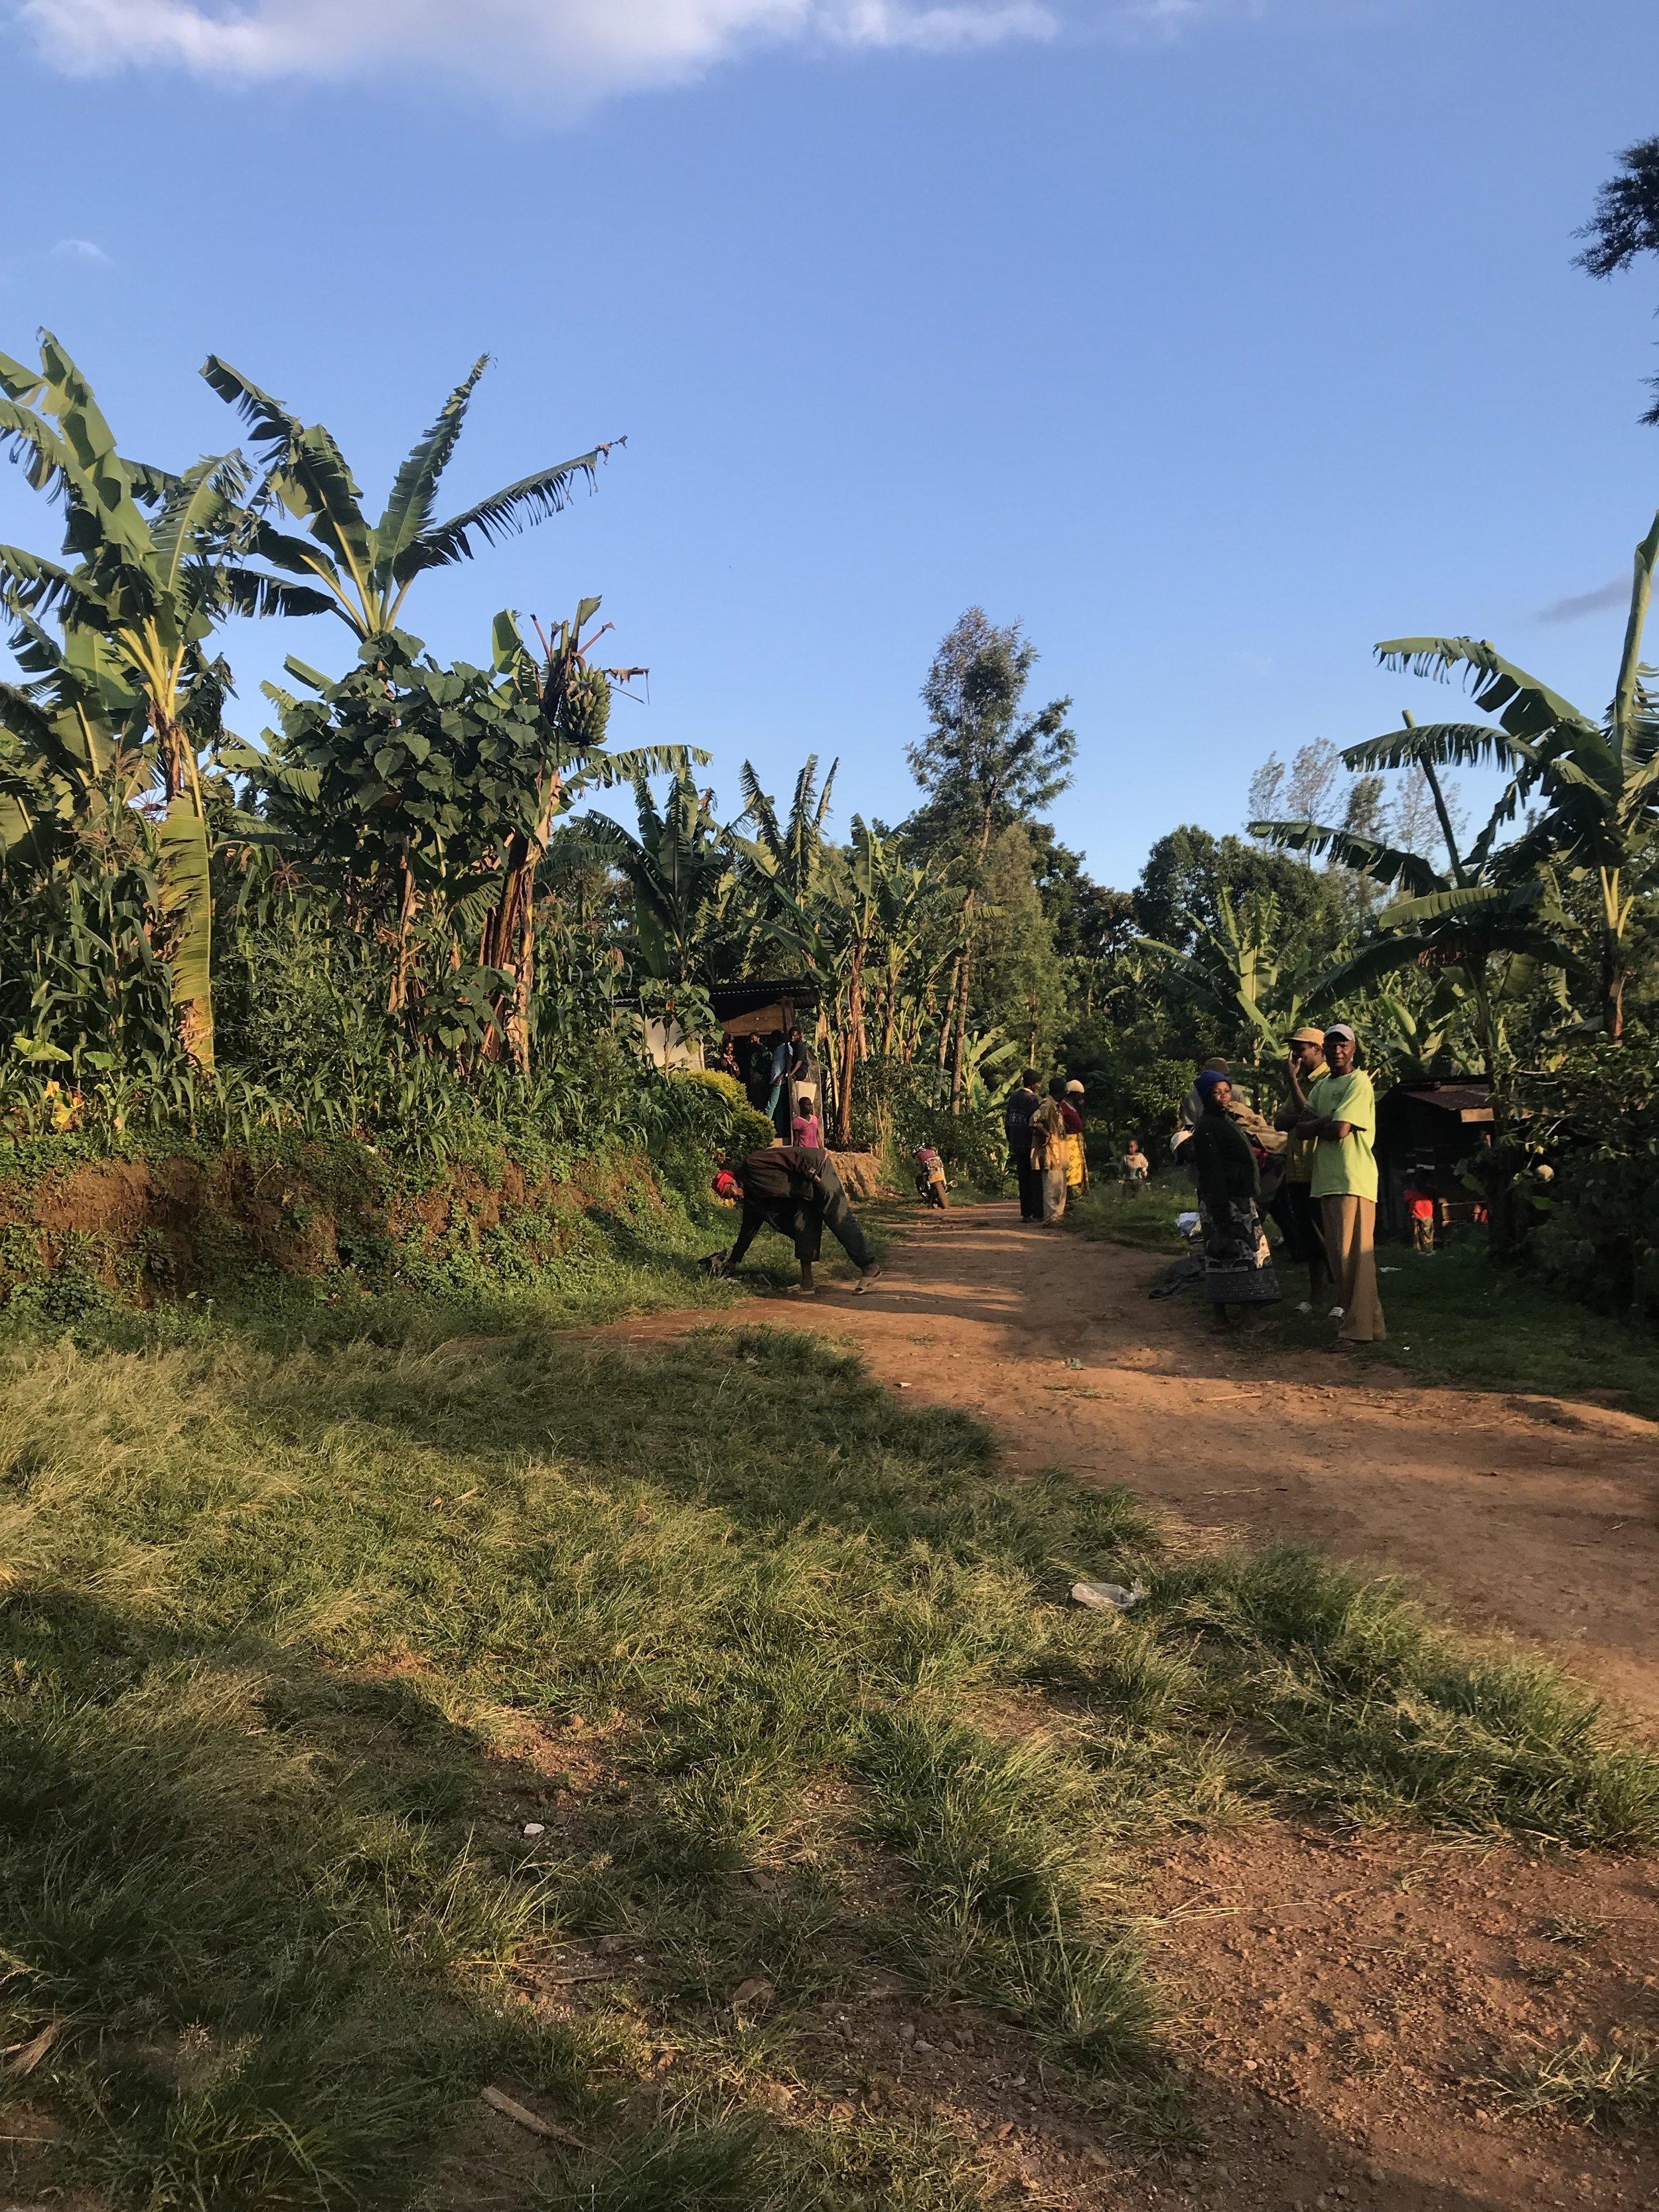 The main road through the Chaga village.